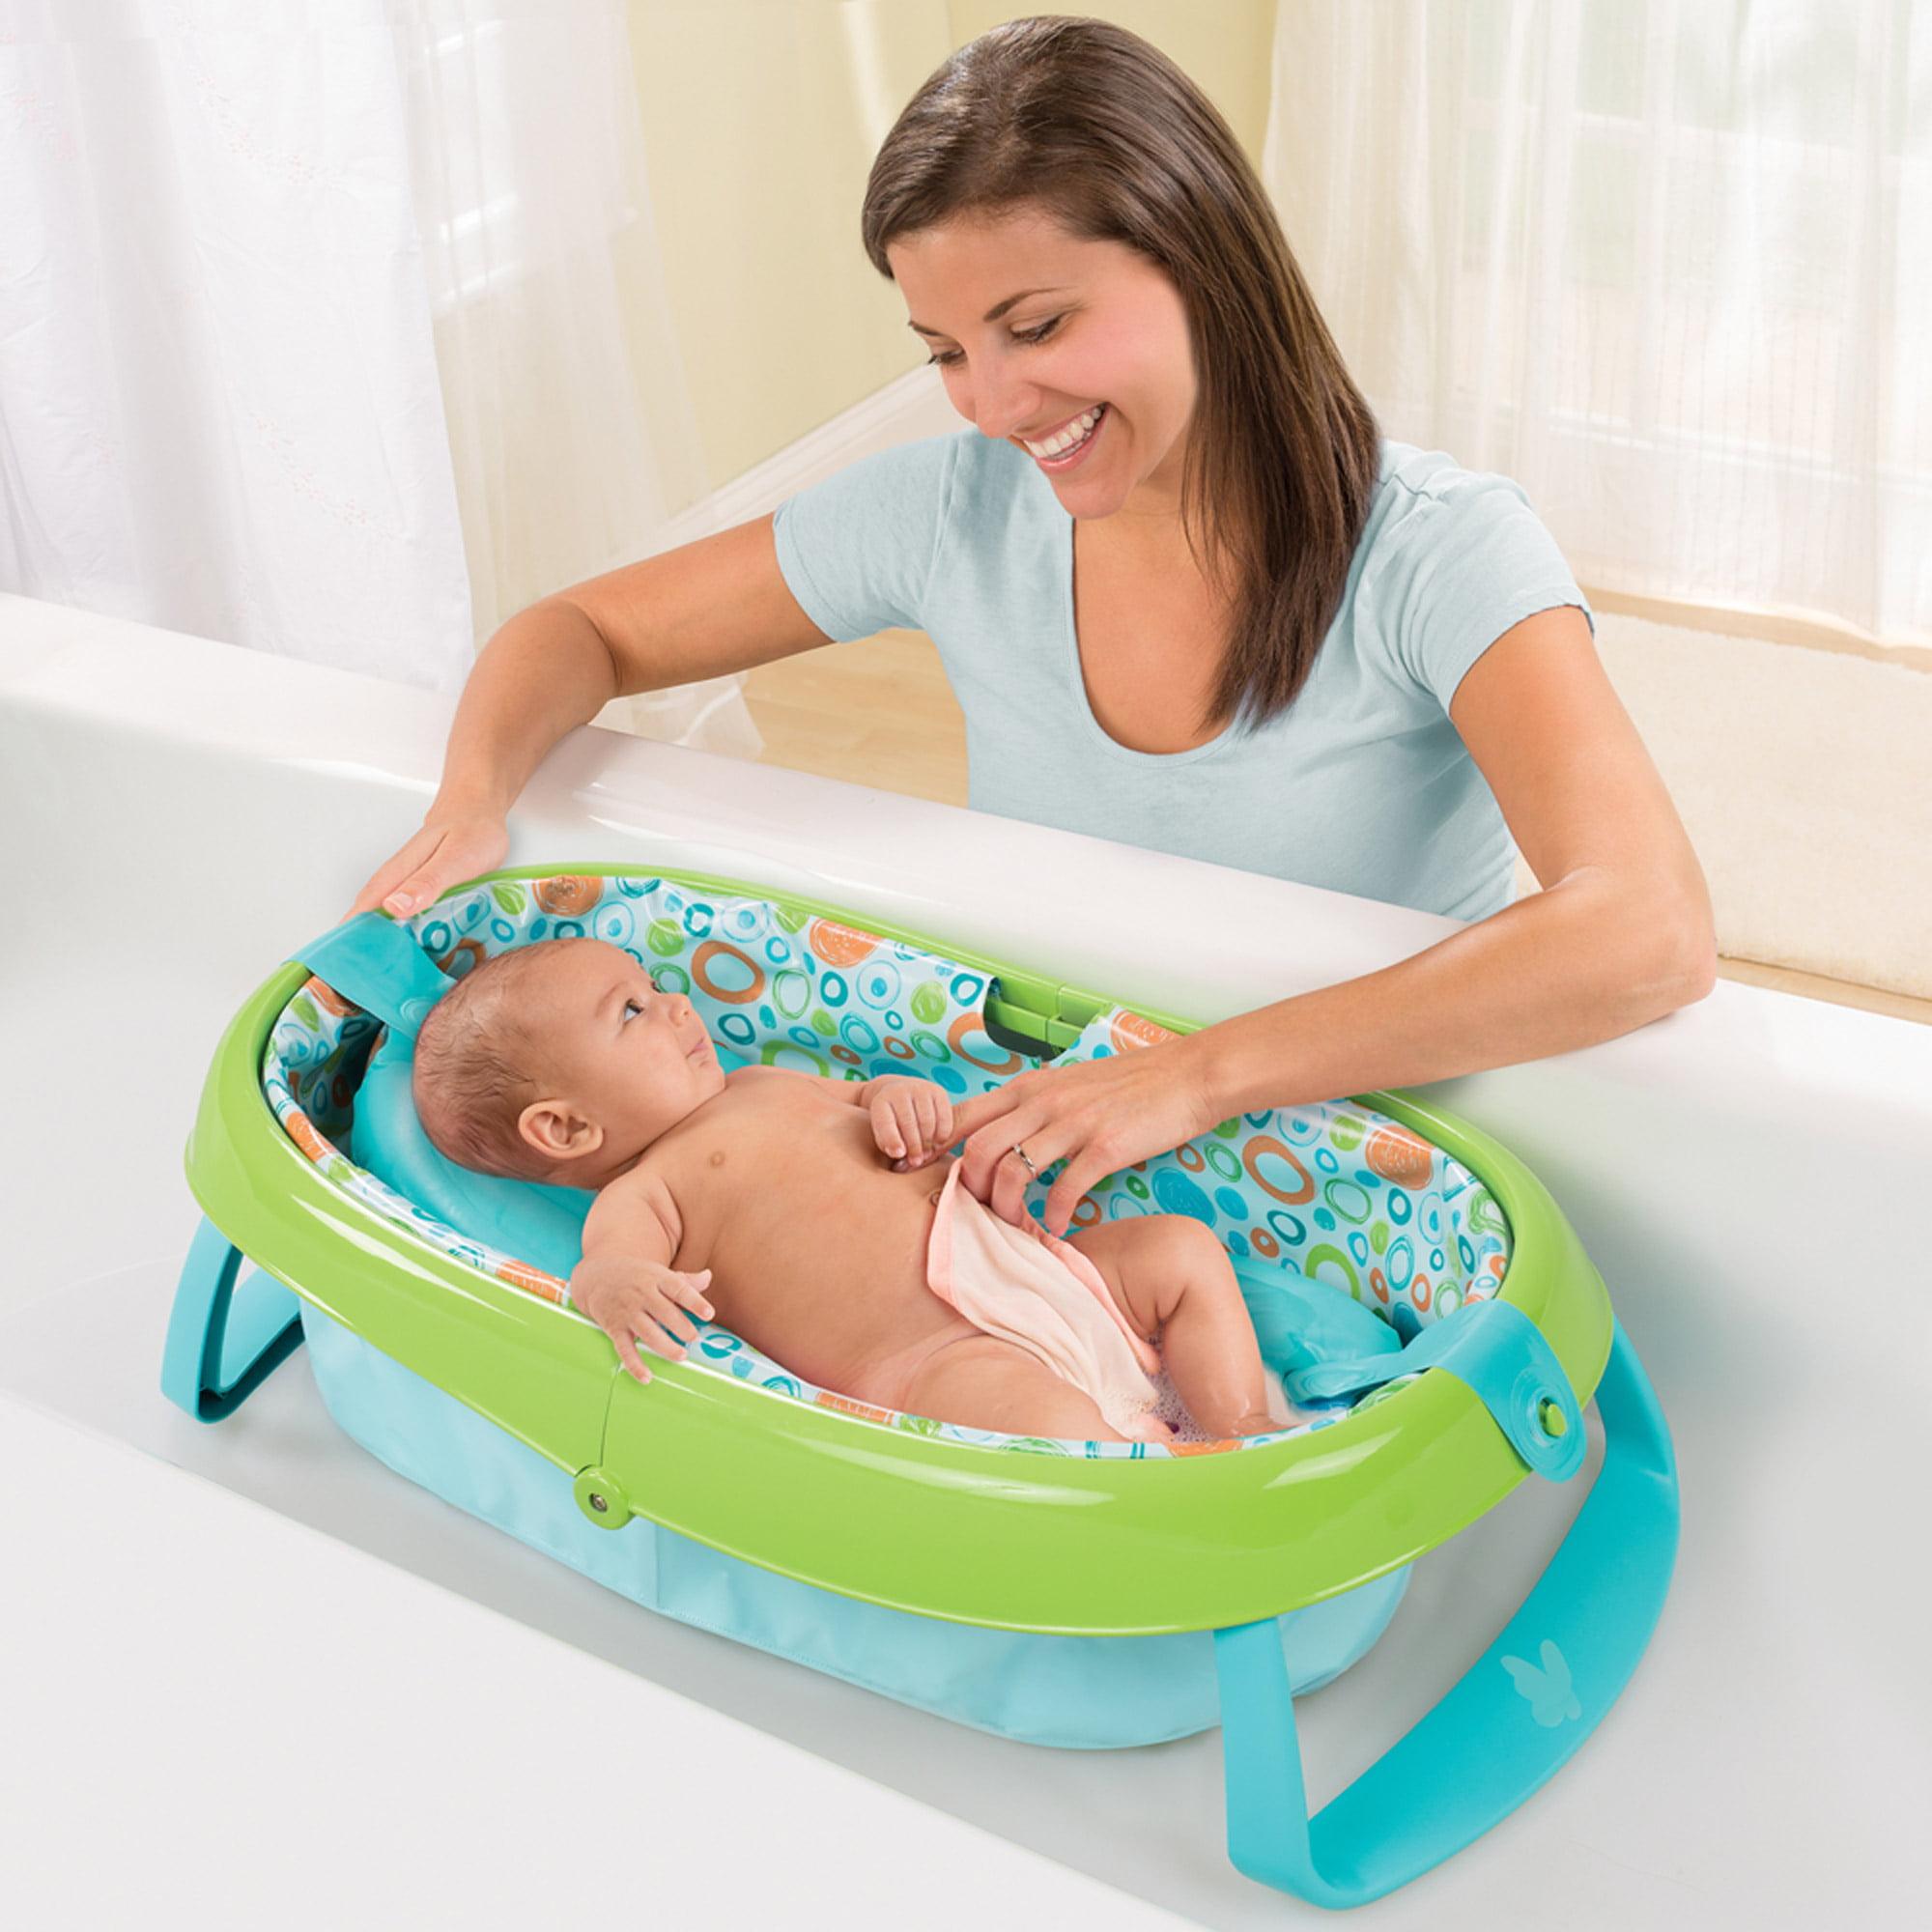 Summer Infant EasyStore Comfort Tub - Walmart.com